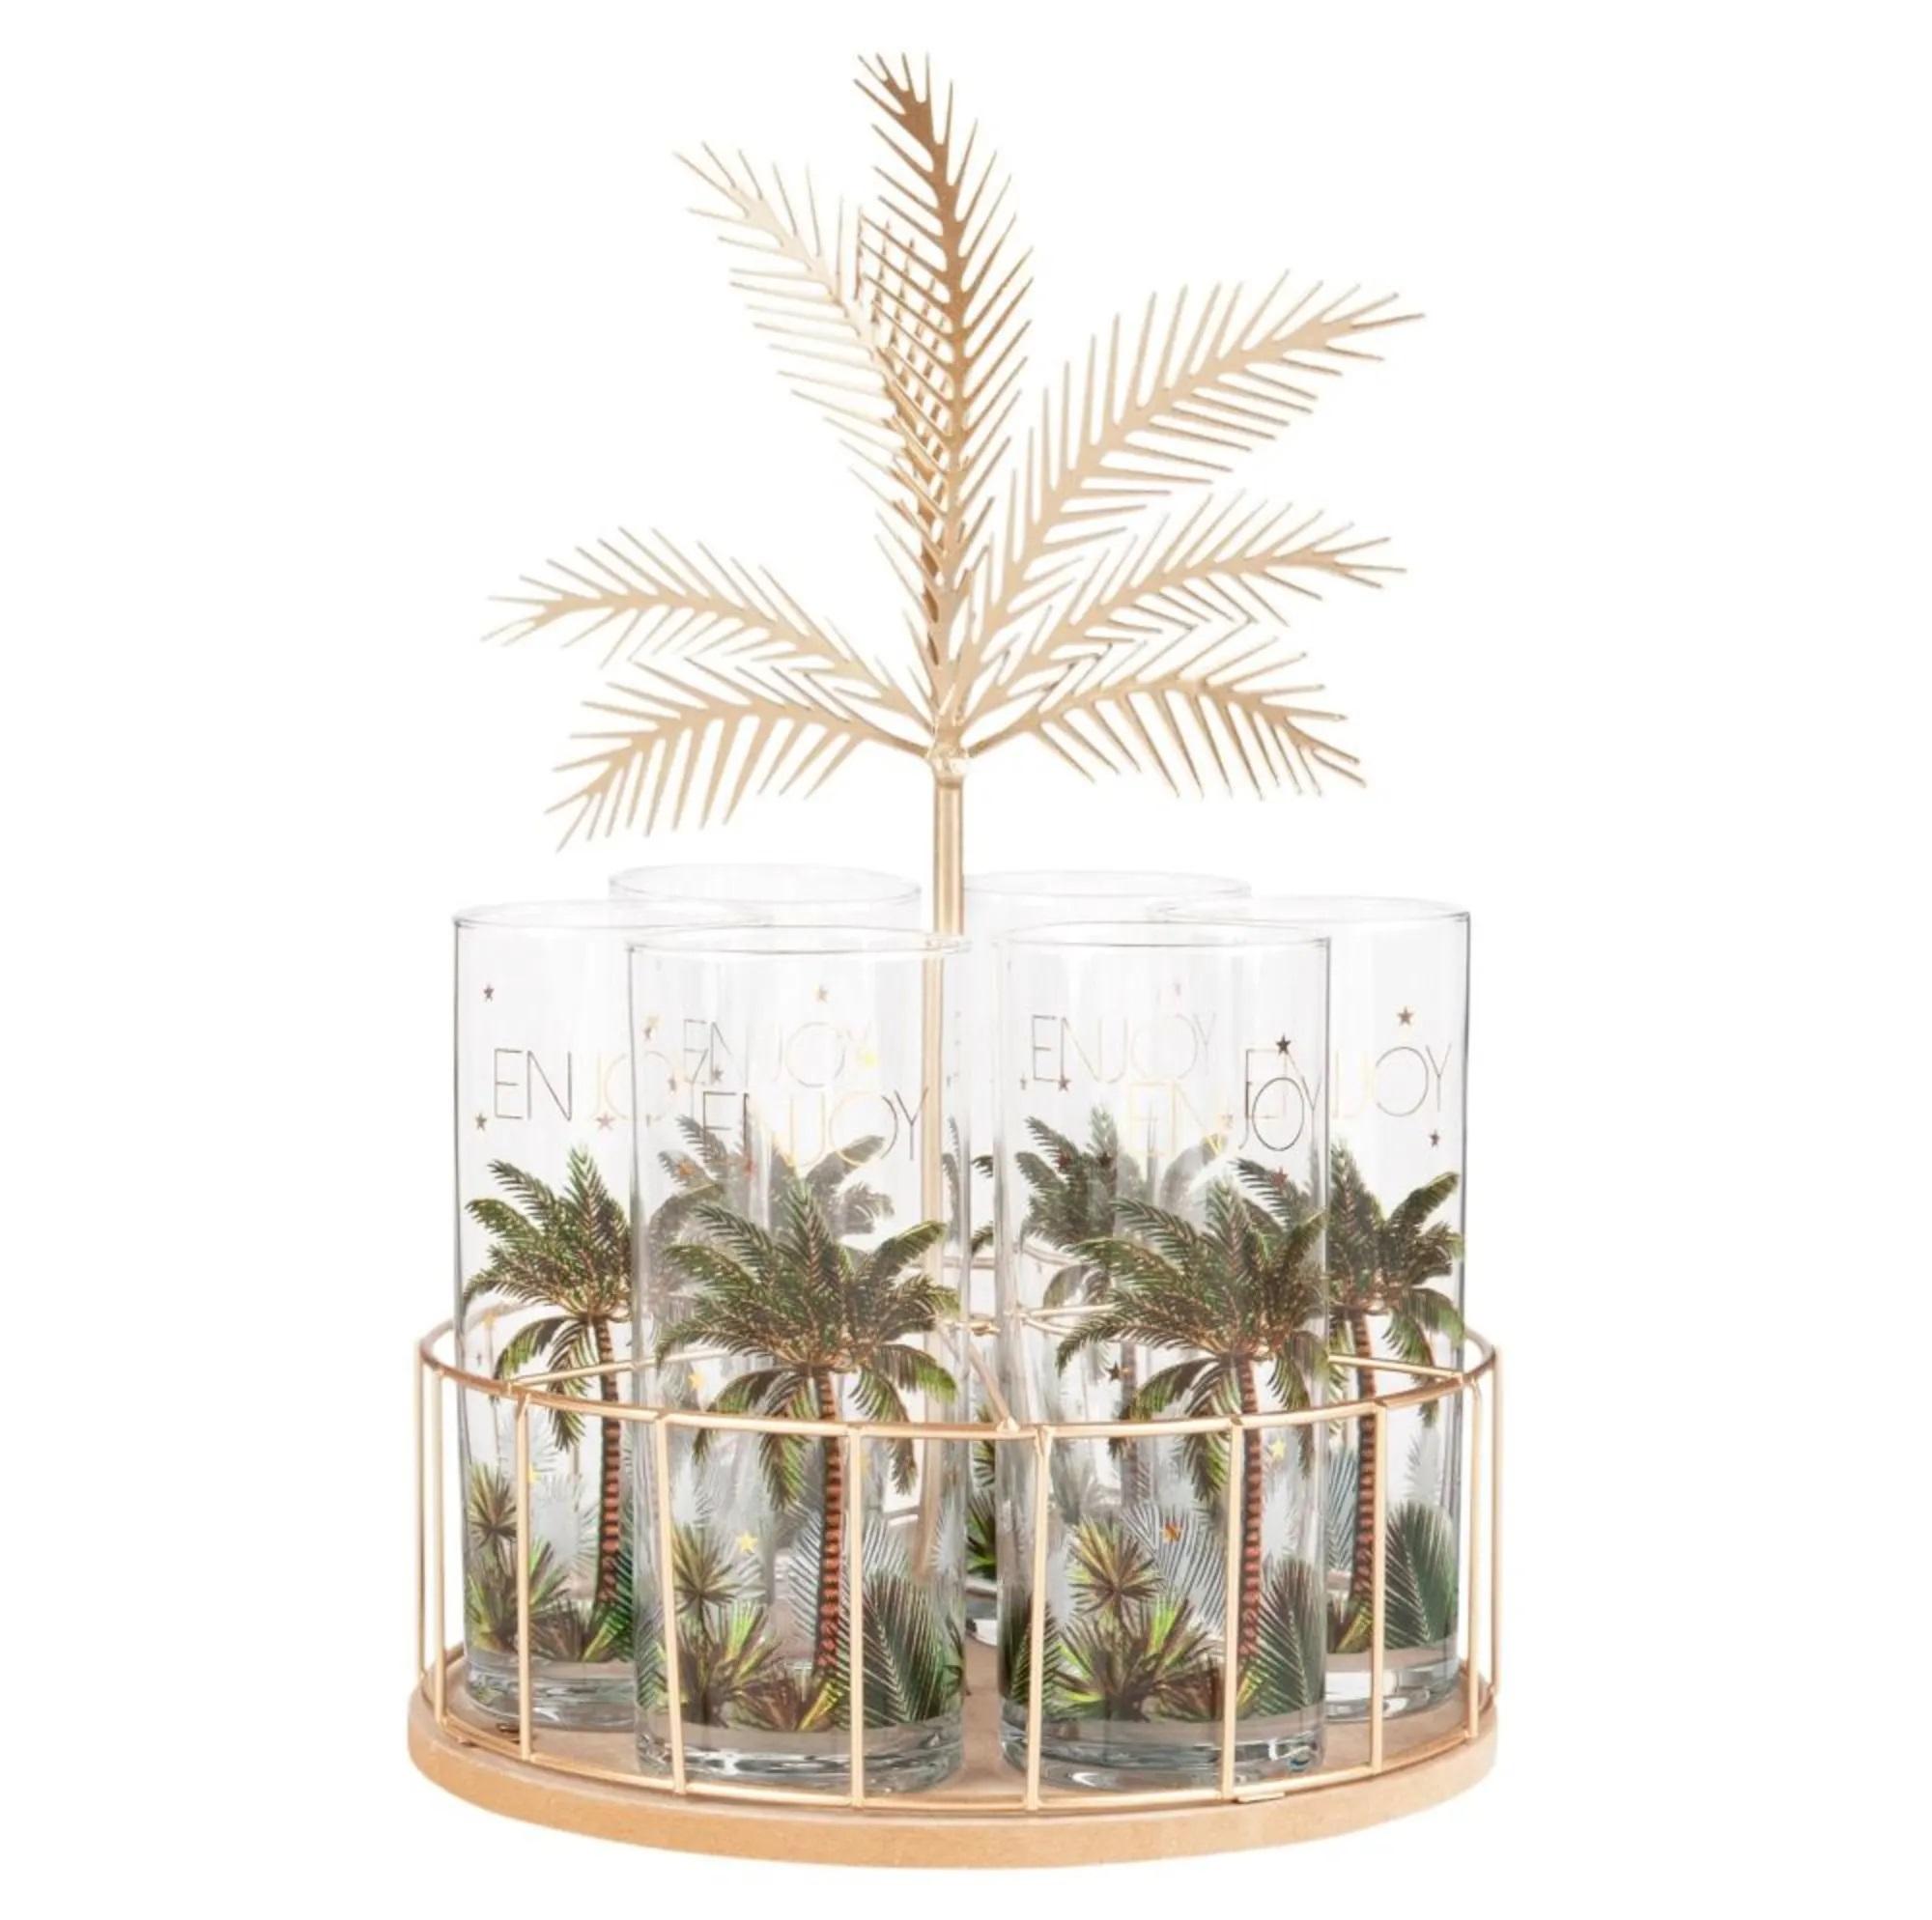 Soporte de palmera de metal con seis vasos de cristal con estampado de palmera